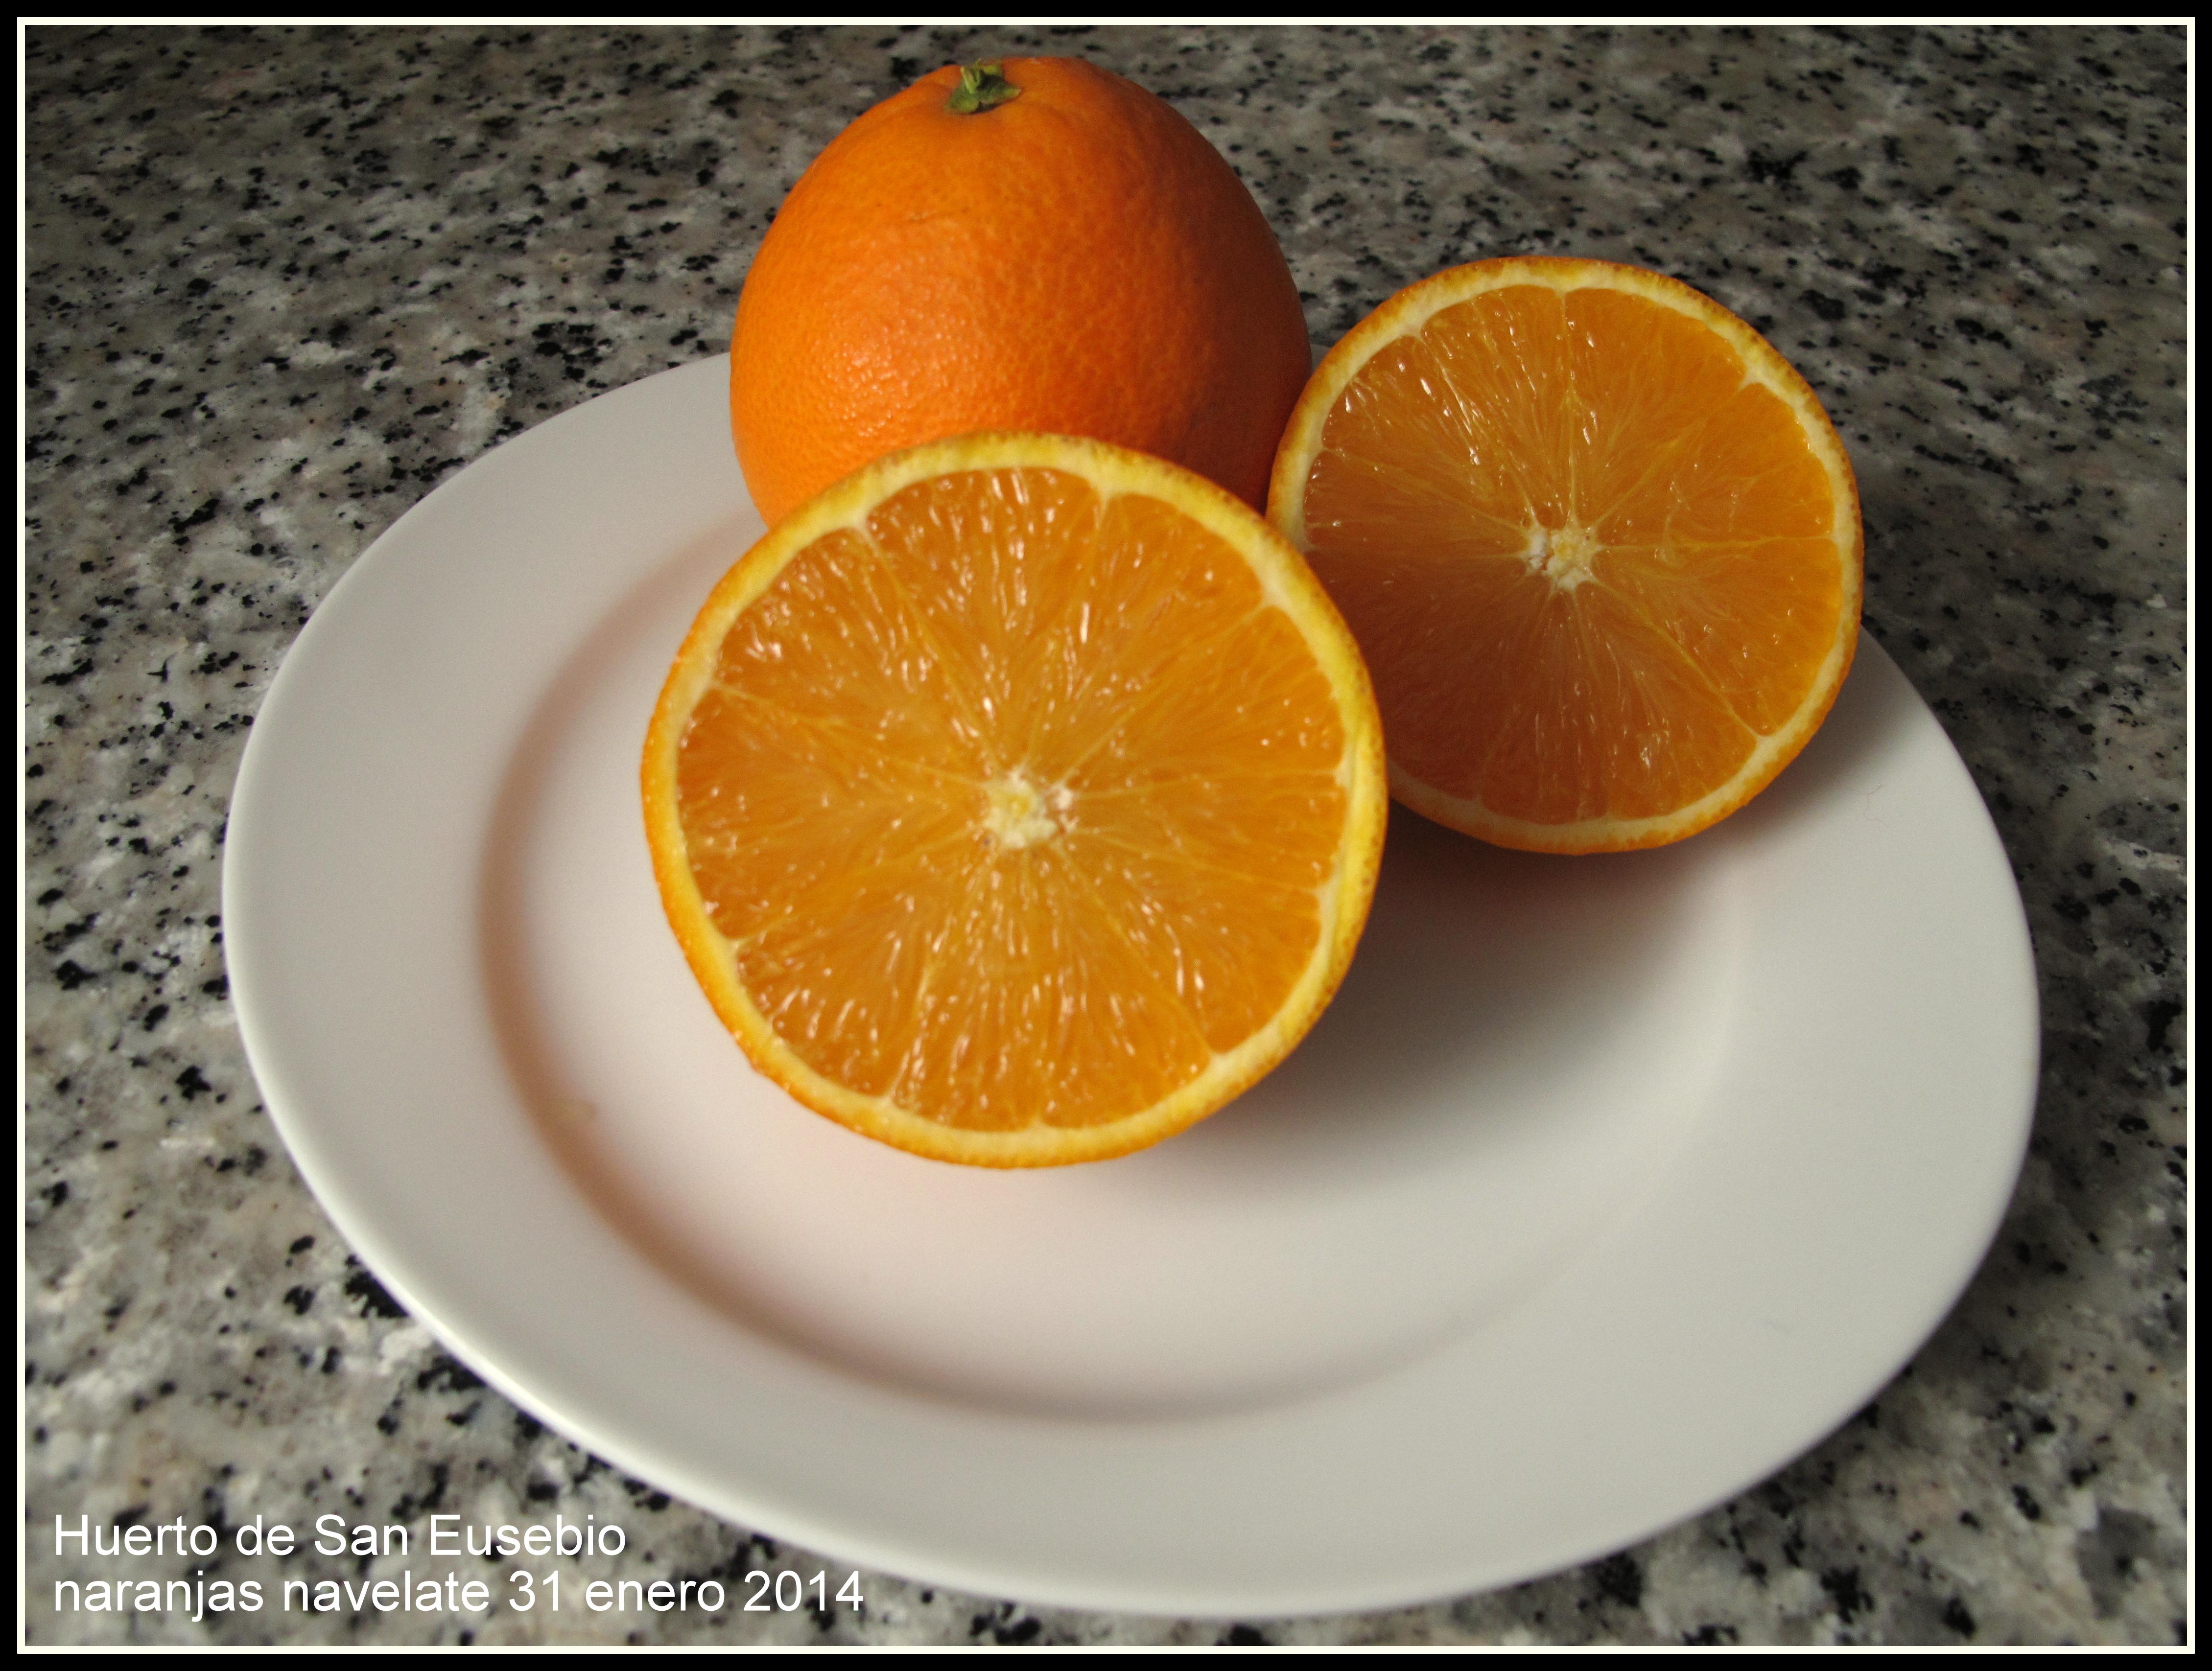 naranjas navelate carcaixent